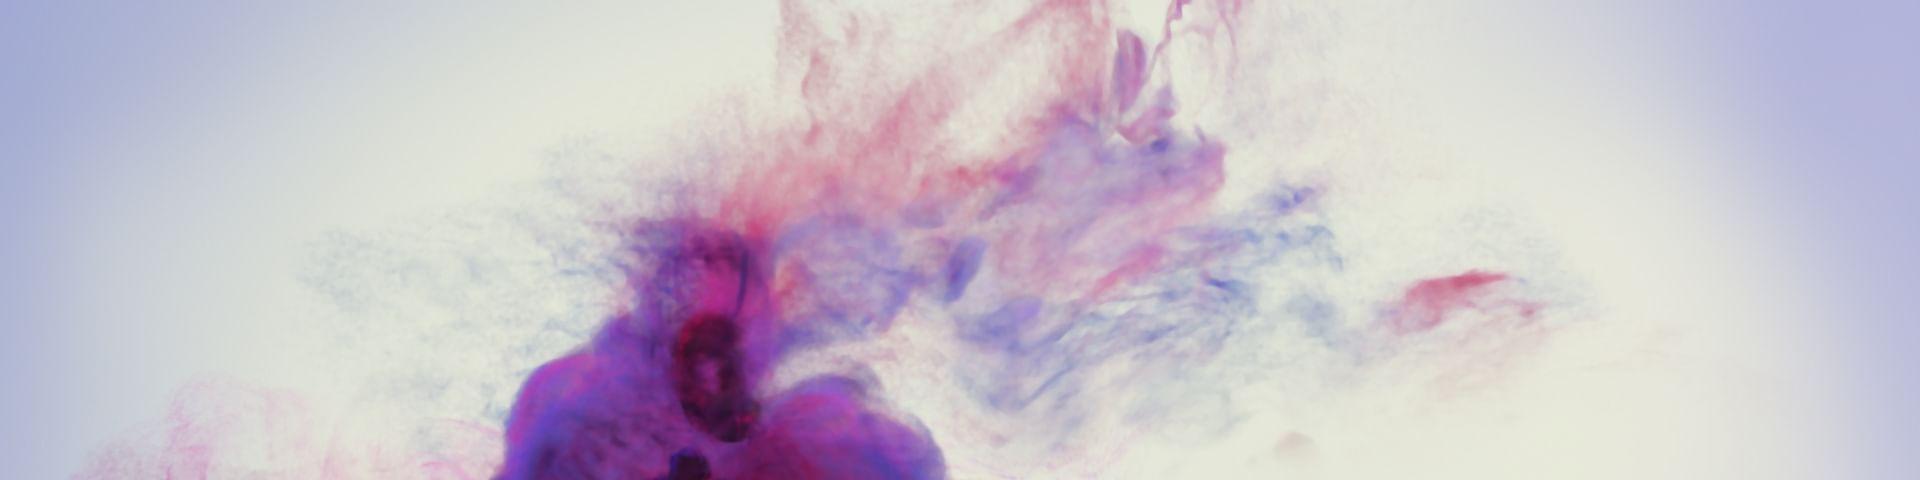 Honfleur et l'impressionnisme de Boudin